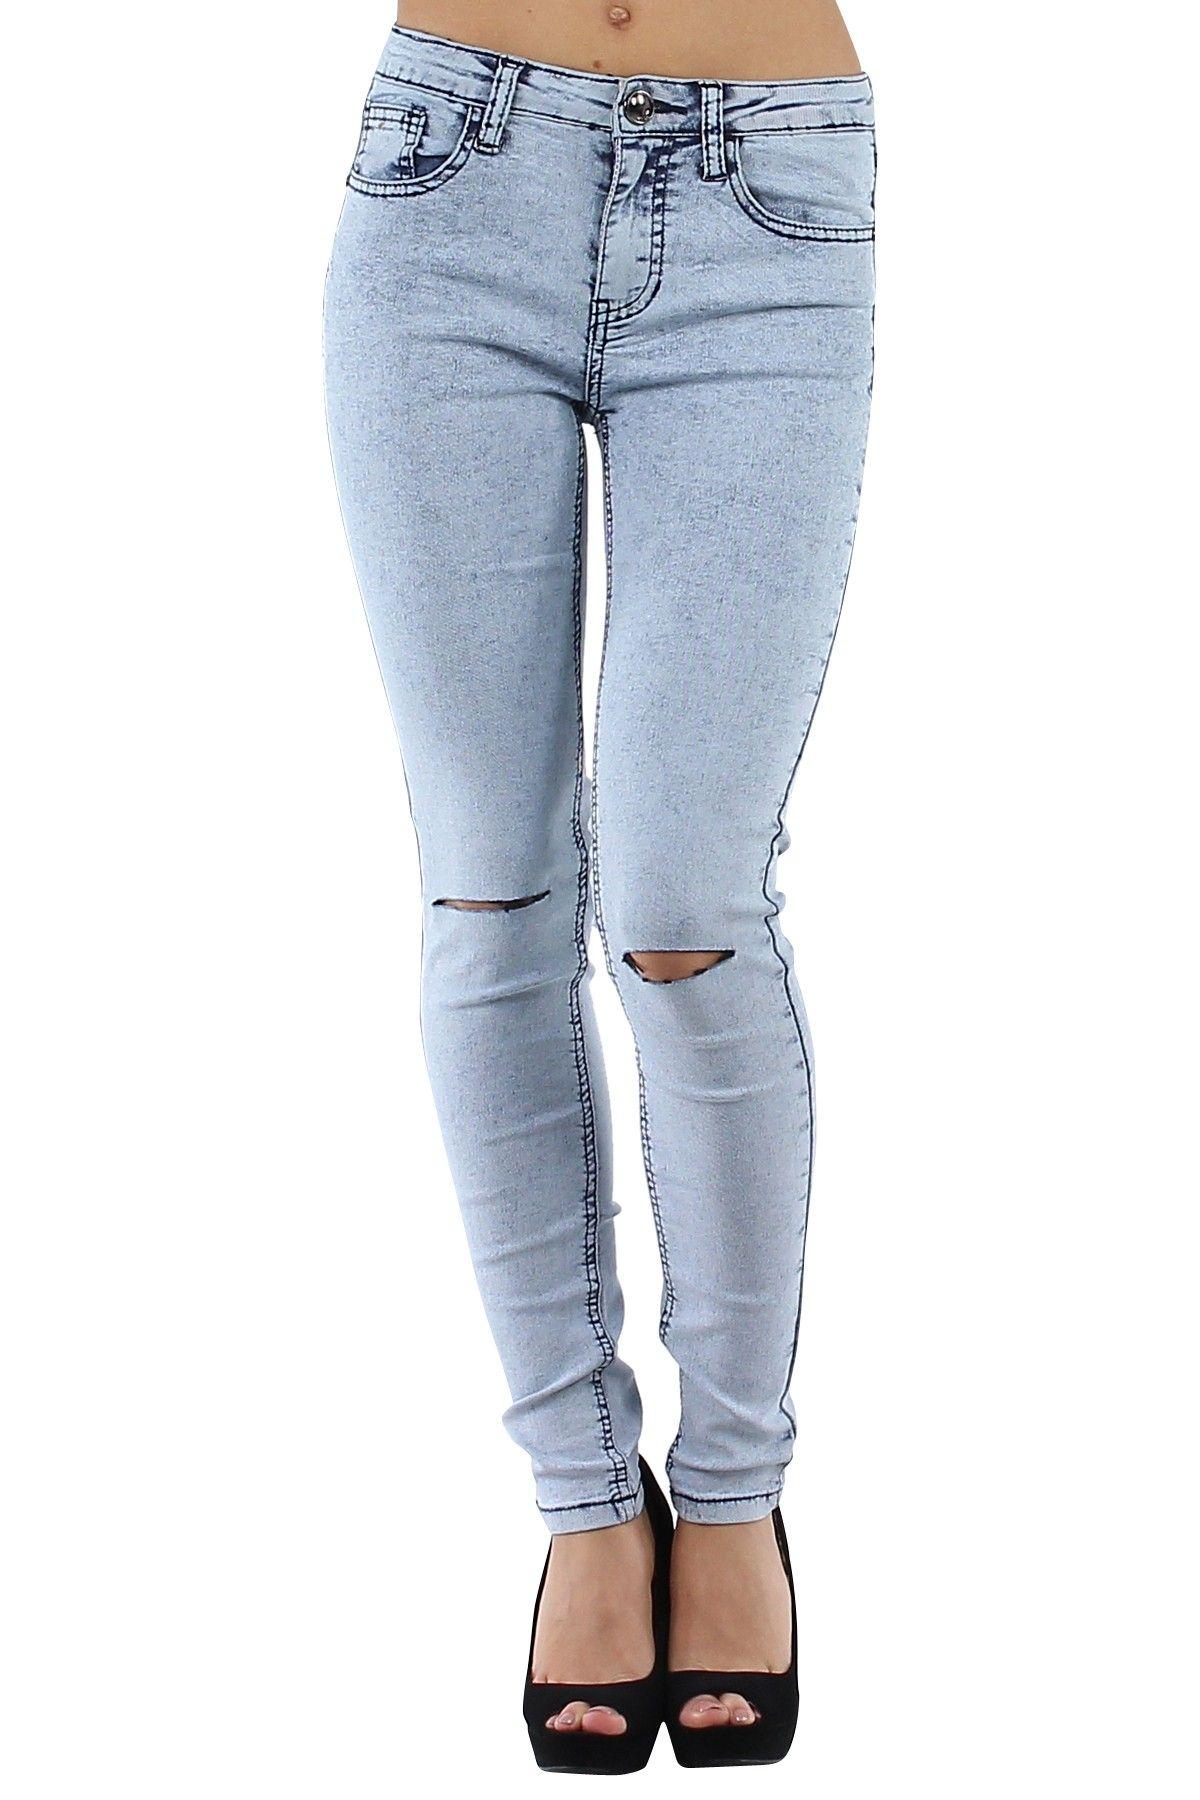 4ffe850a140ec Pantalón vaquero de mujer Jeans muy ajustados con rotos en ambas rodillas  Condición  Nuevo Composición